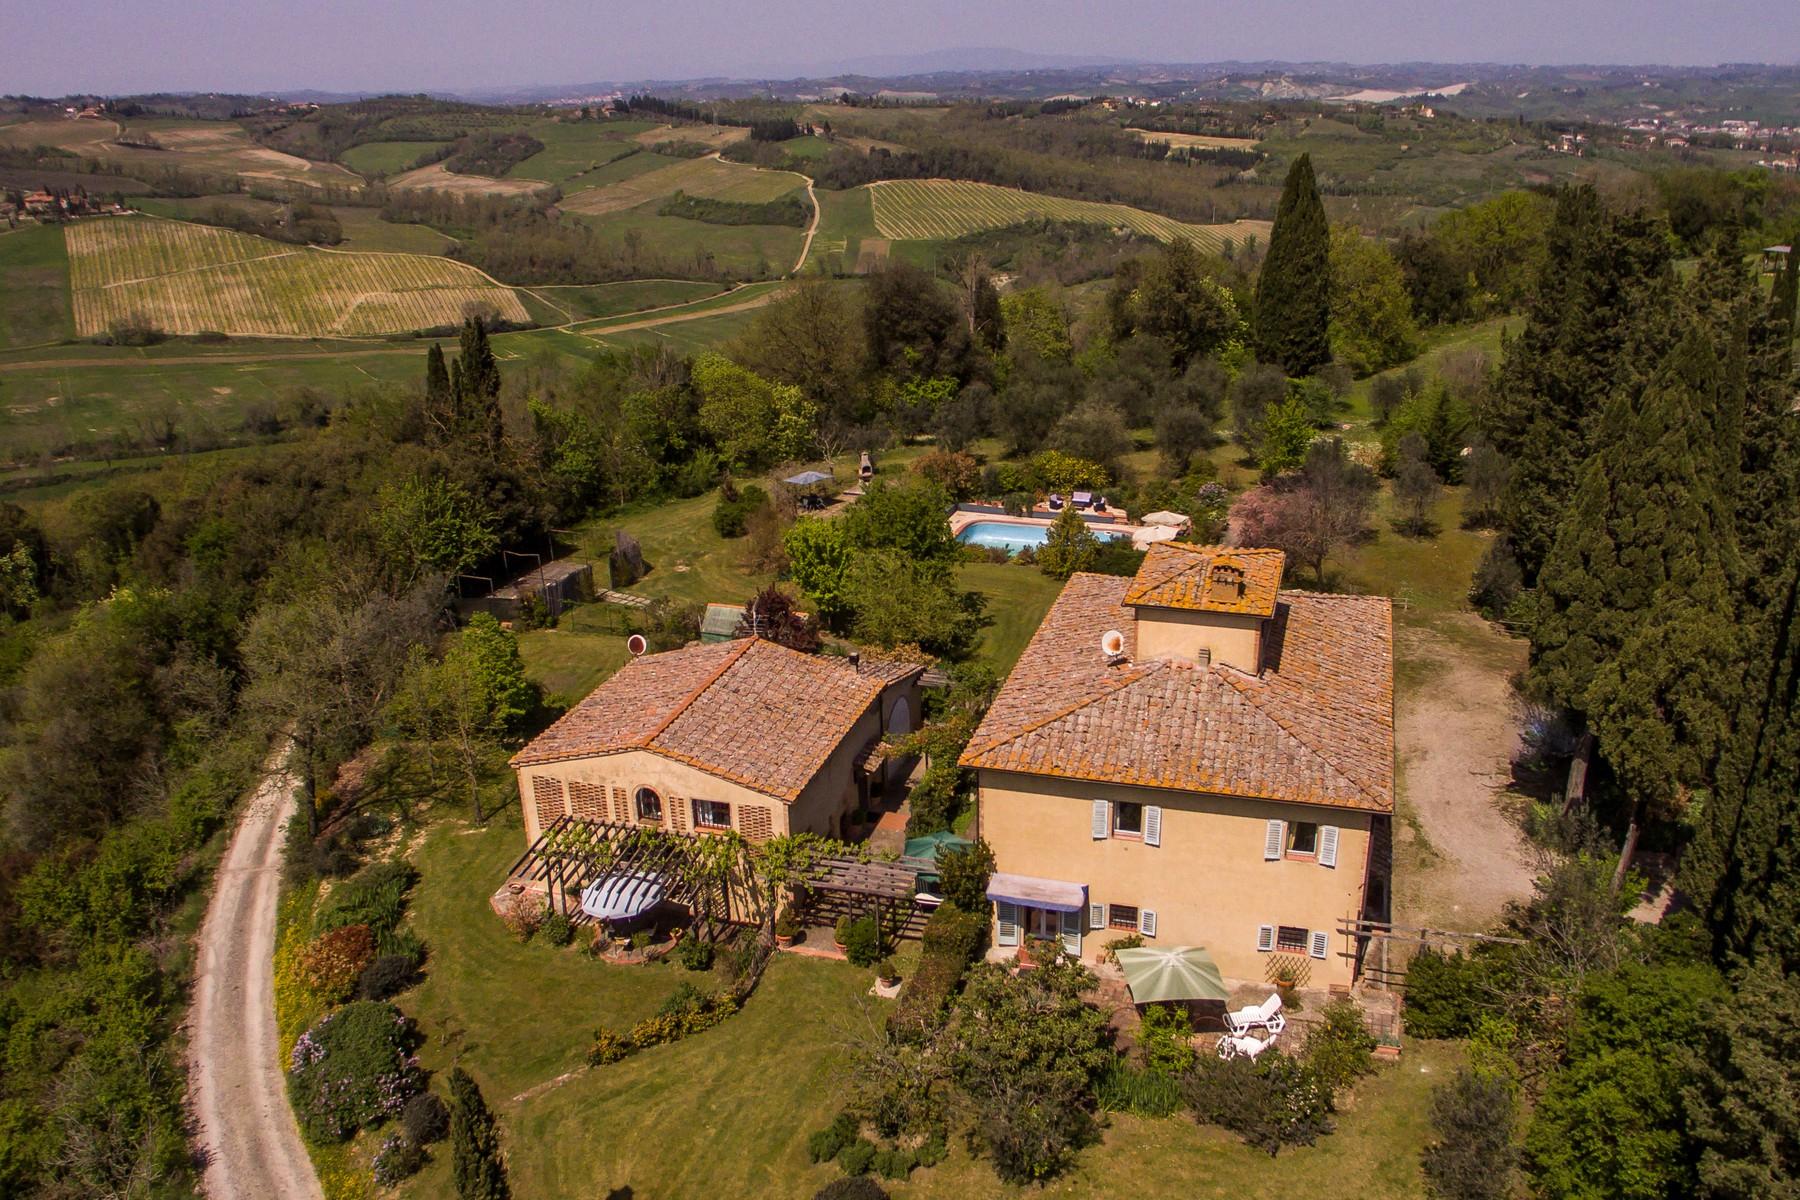 Rustico in Vendita a San Gimignano: 5 locali, 615 mq - Foto 3